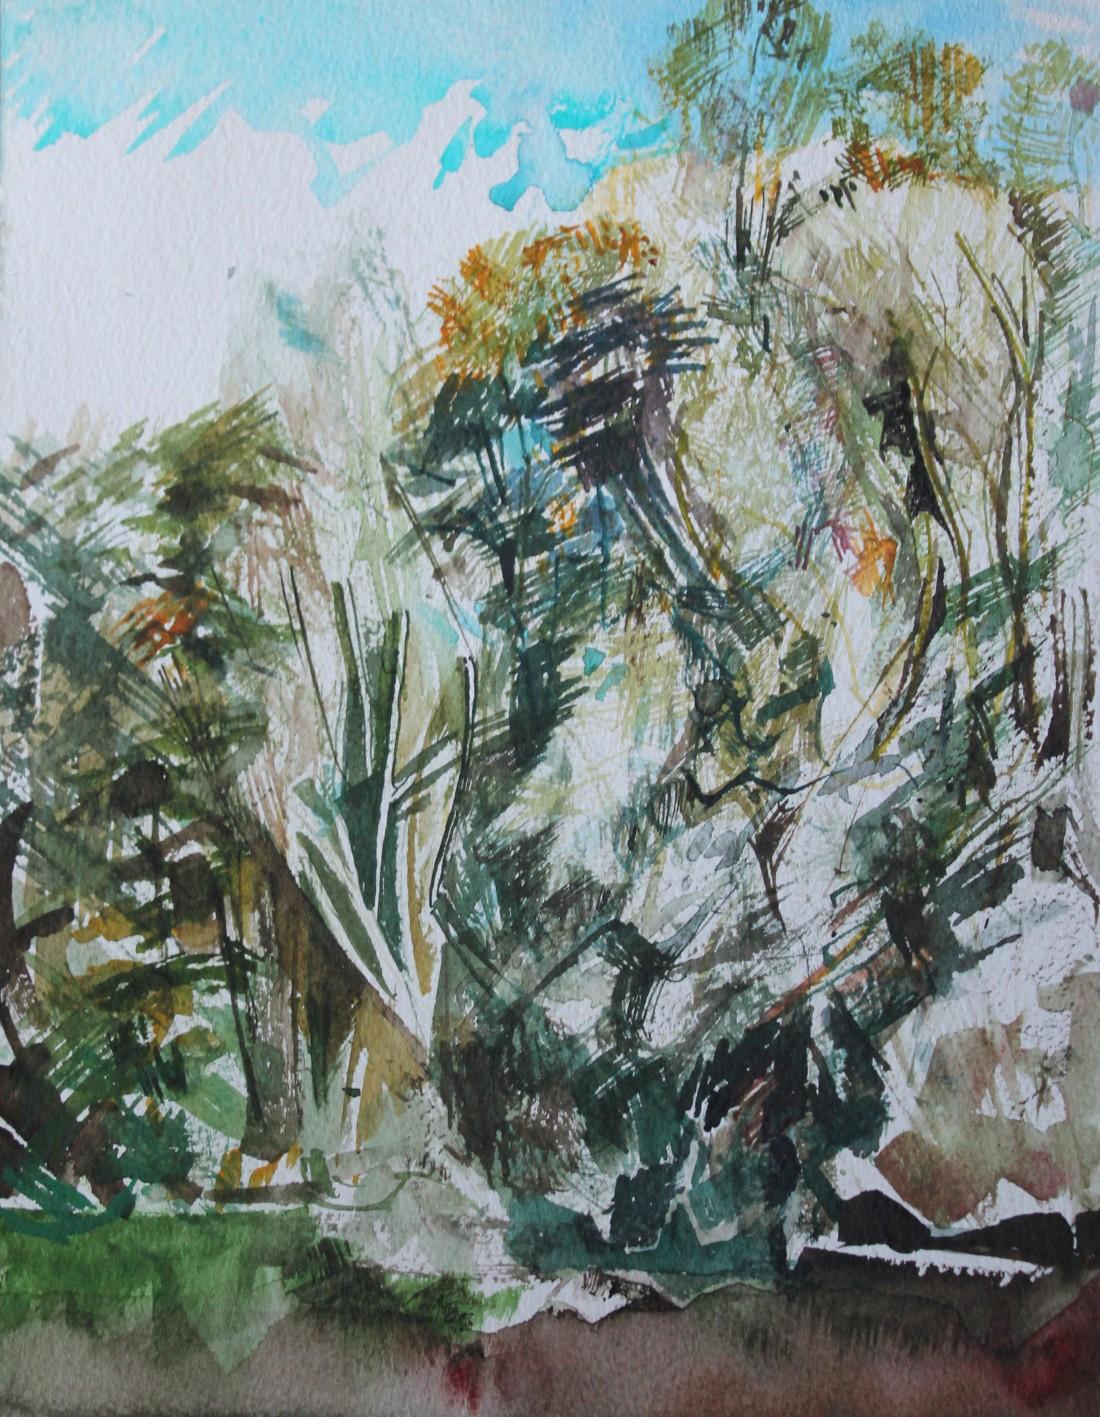 Stephen Kirin Trees at Lackford Lake